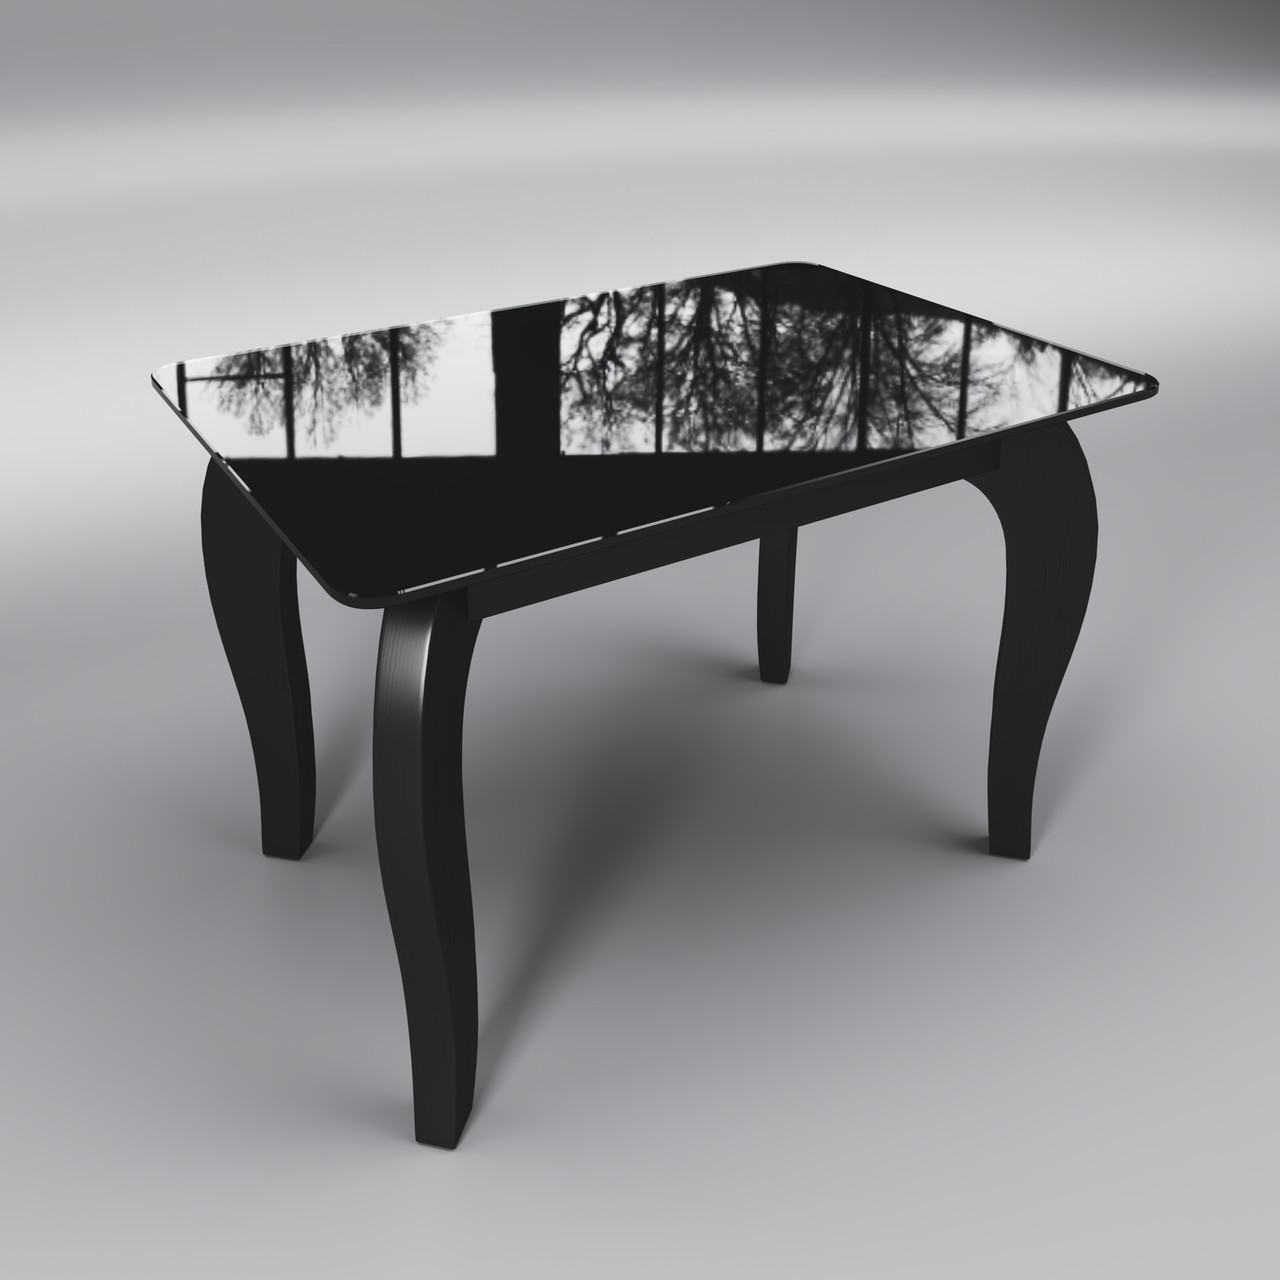 Стеклянный стол Император мини (журнальный) черный